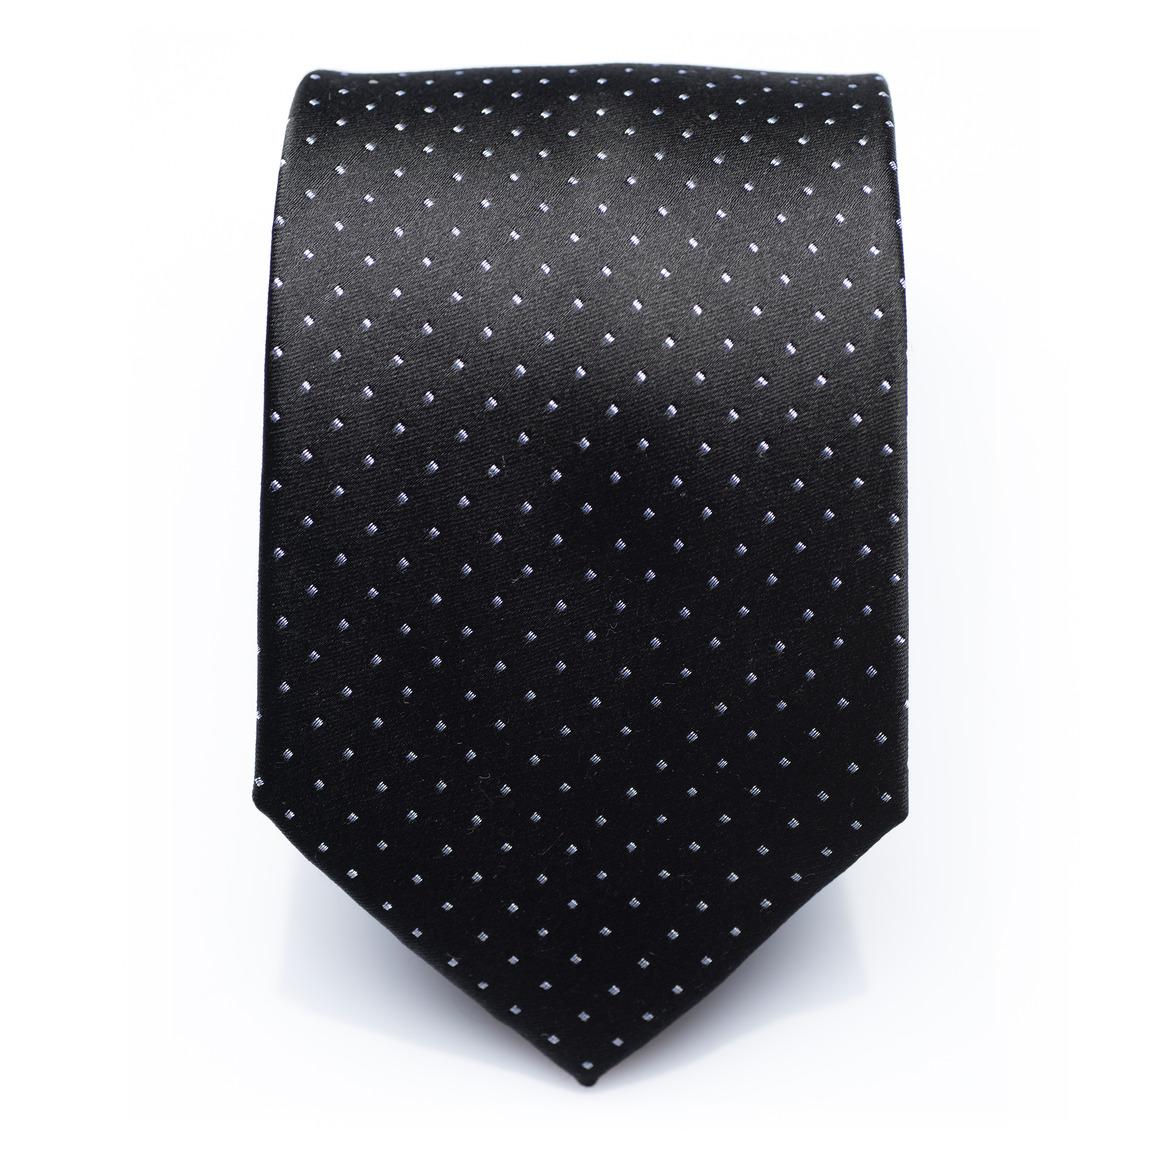 Fenwick Ink -Black/white dotted silk necktie